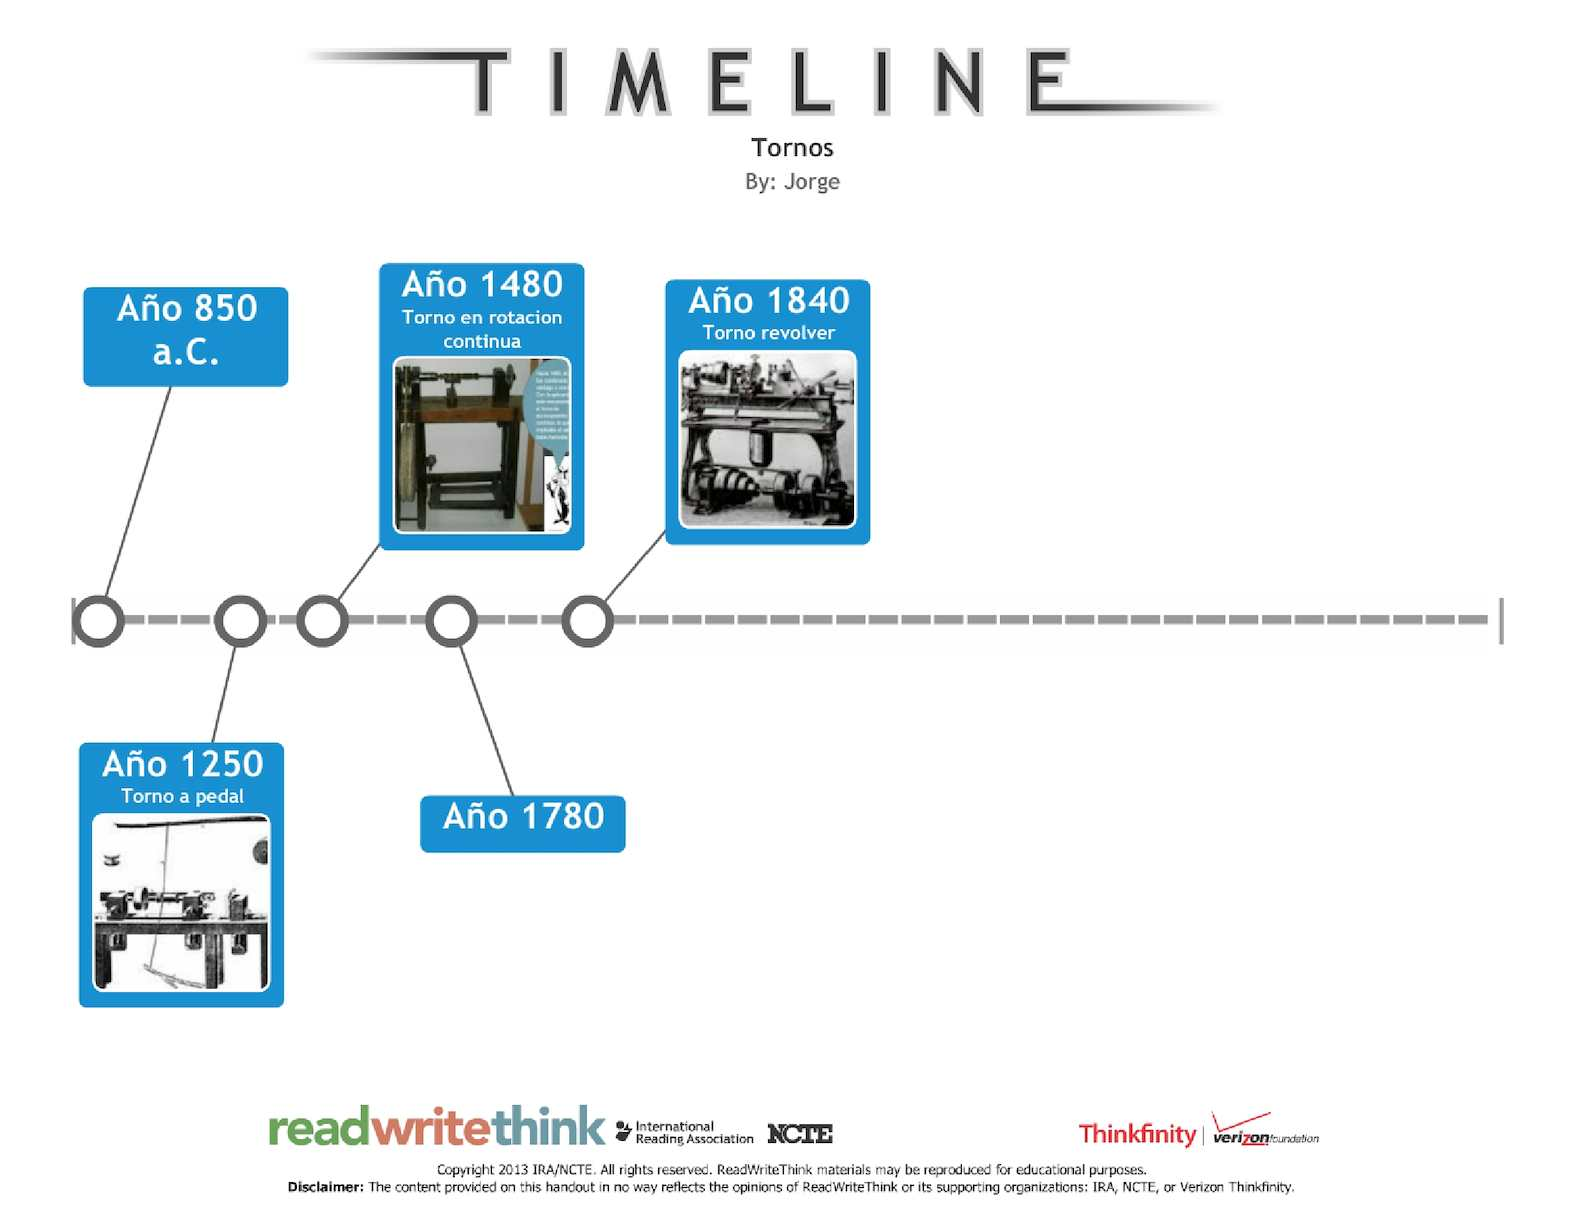 linea de tiempo del torno